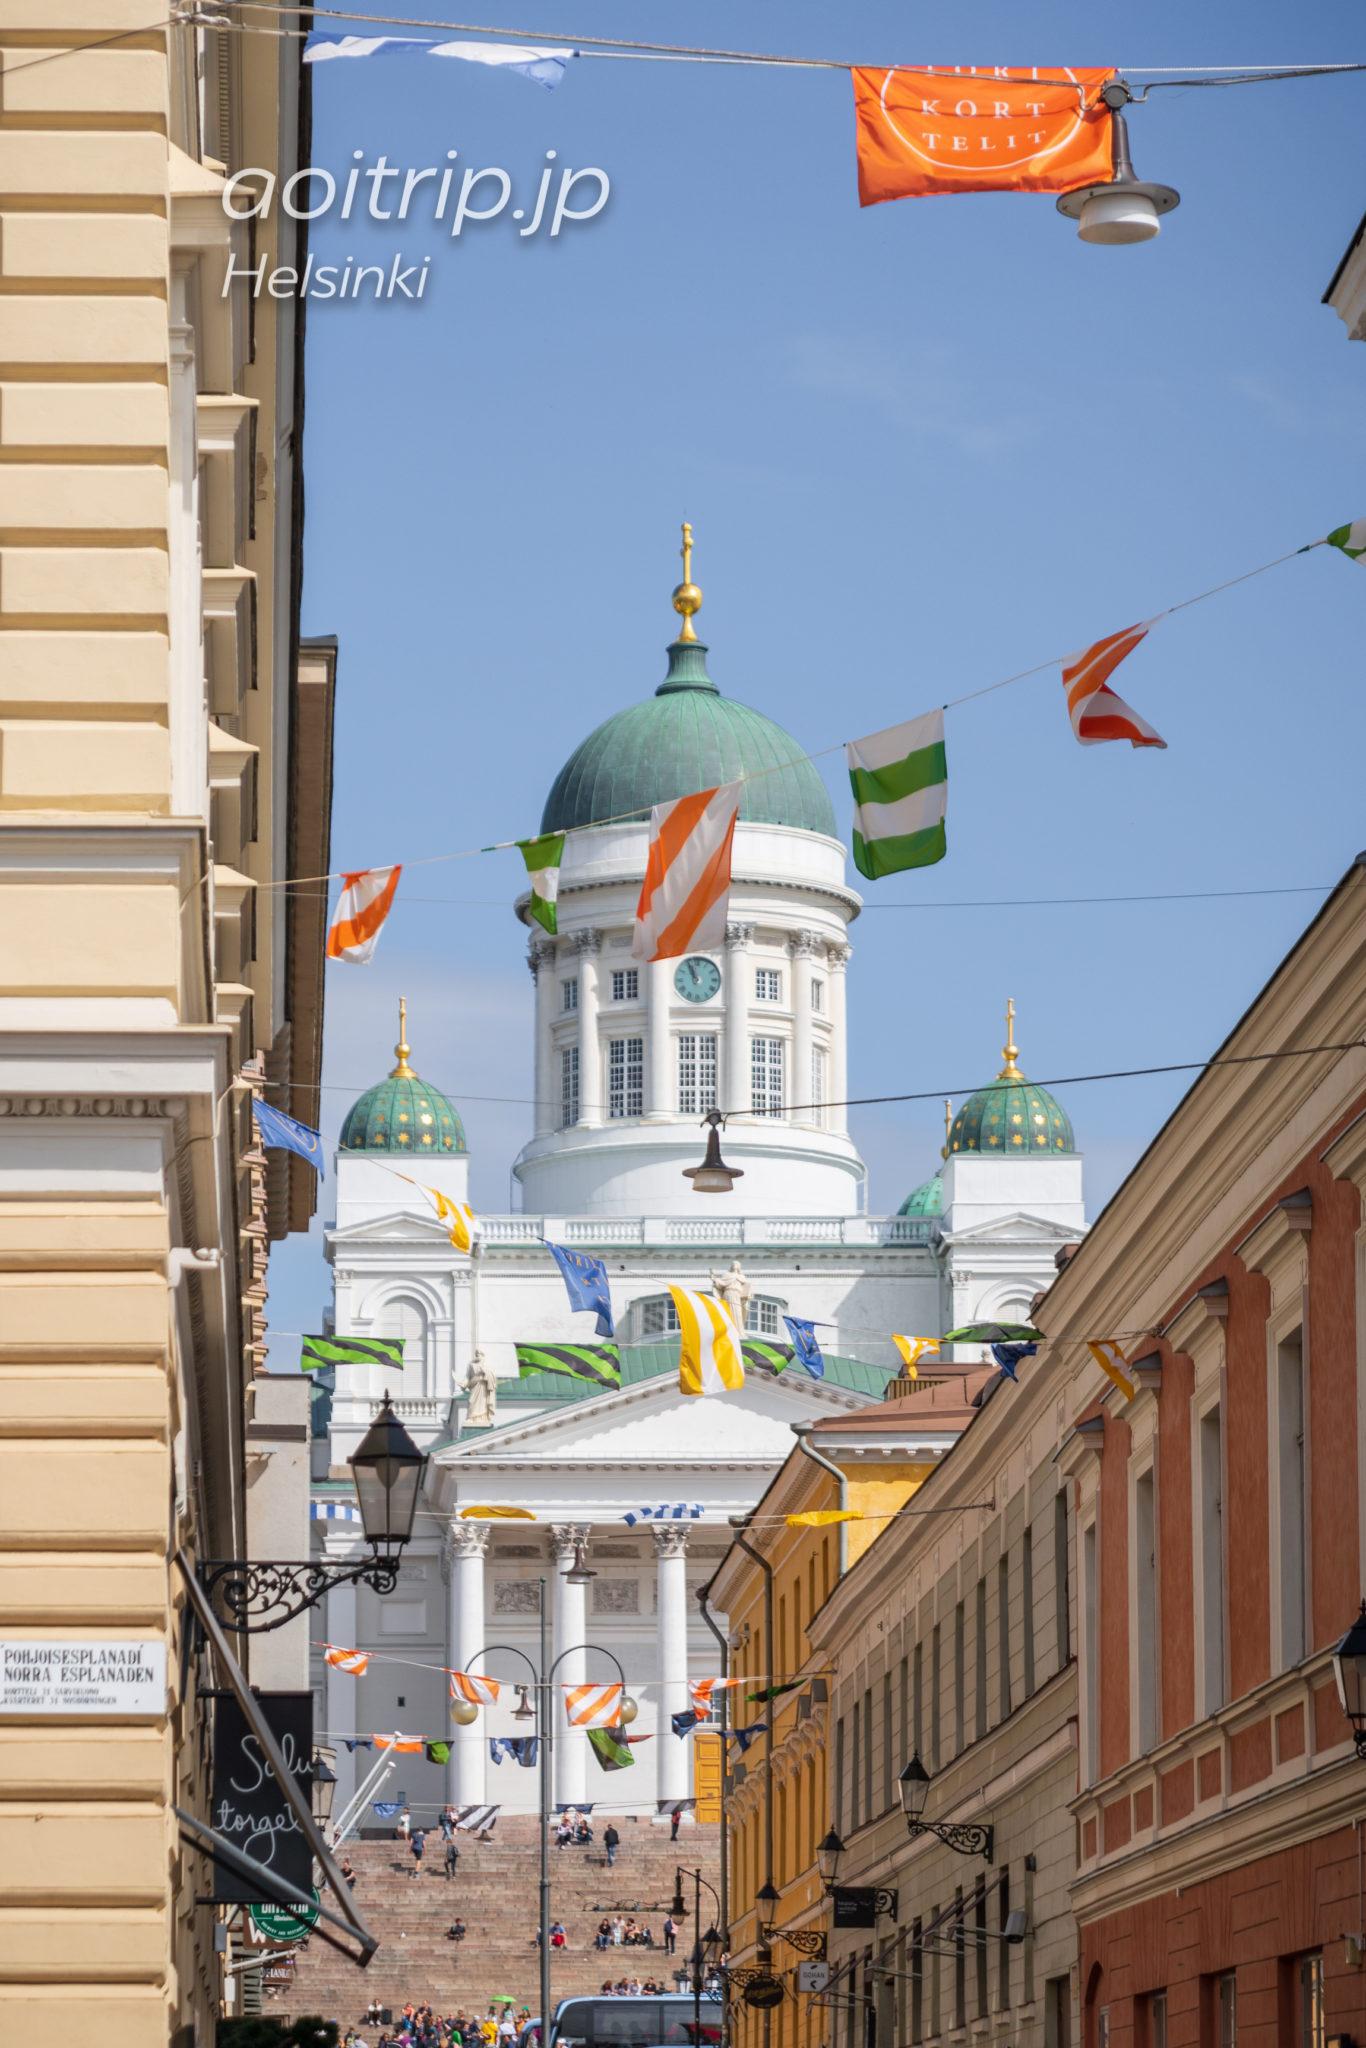 Sofiankatu通りから見るヘルシンキ大聖堂